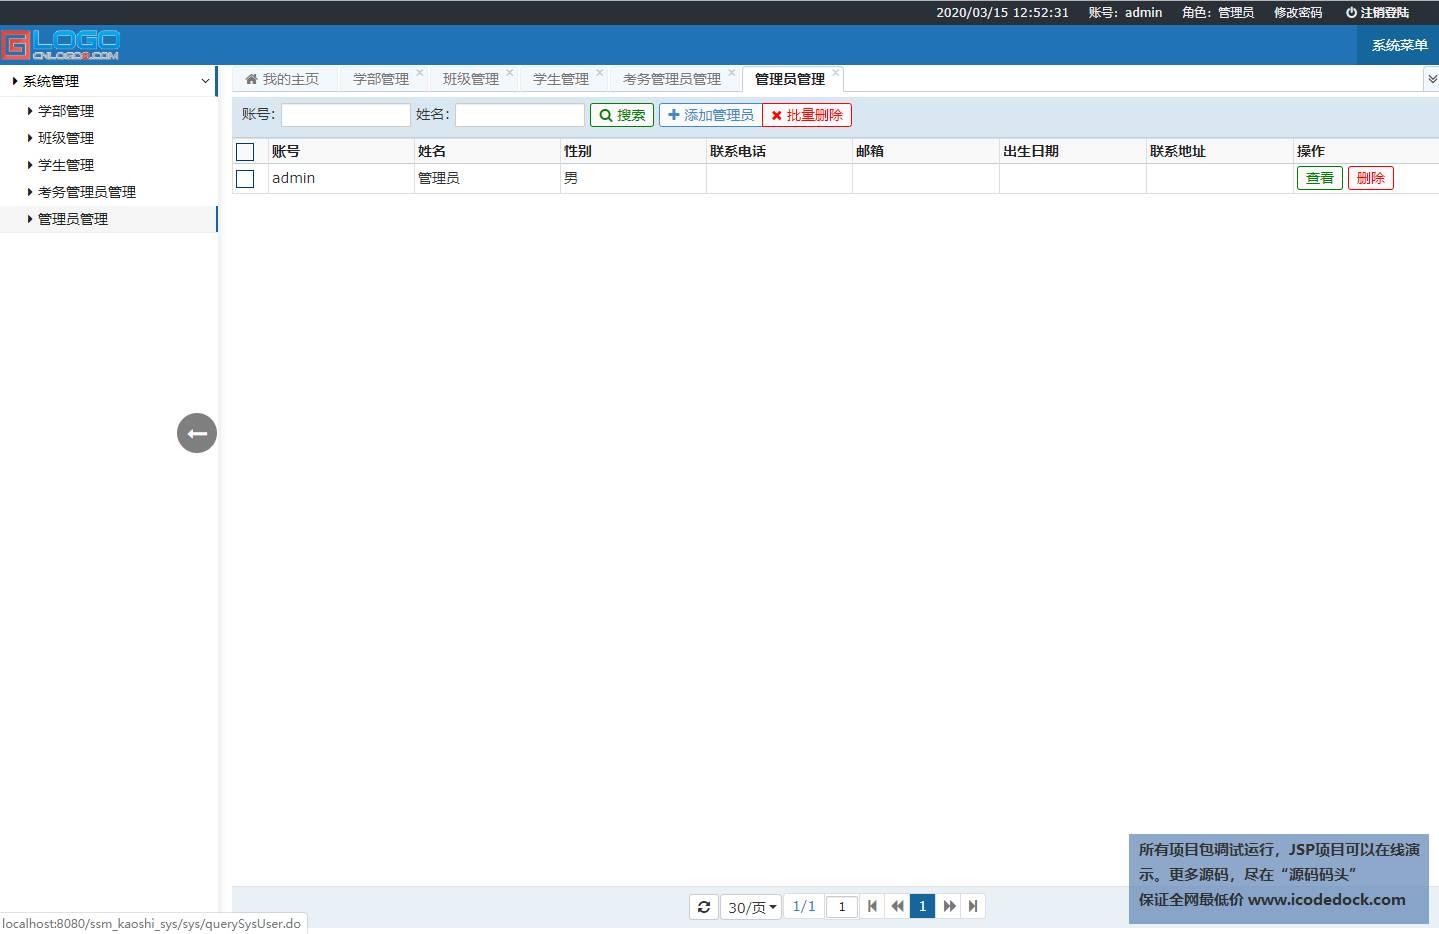 源码码头-SSM考试在线报名管理系统-管理员角色-管理员管理